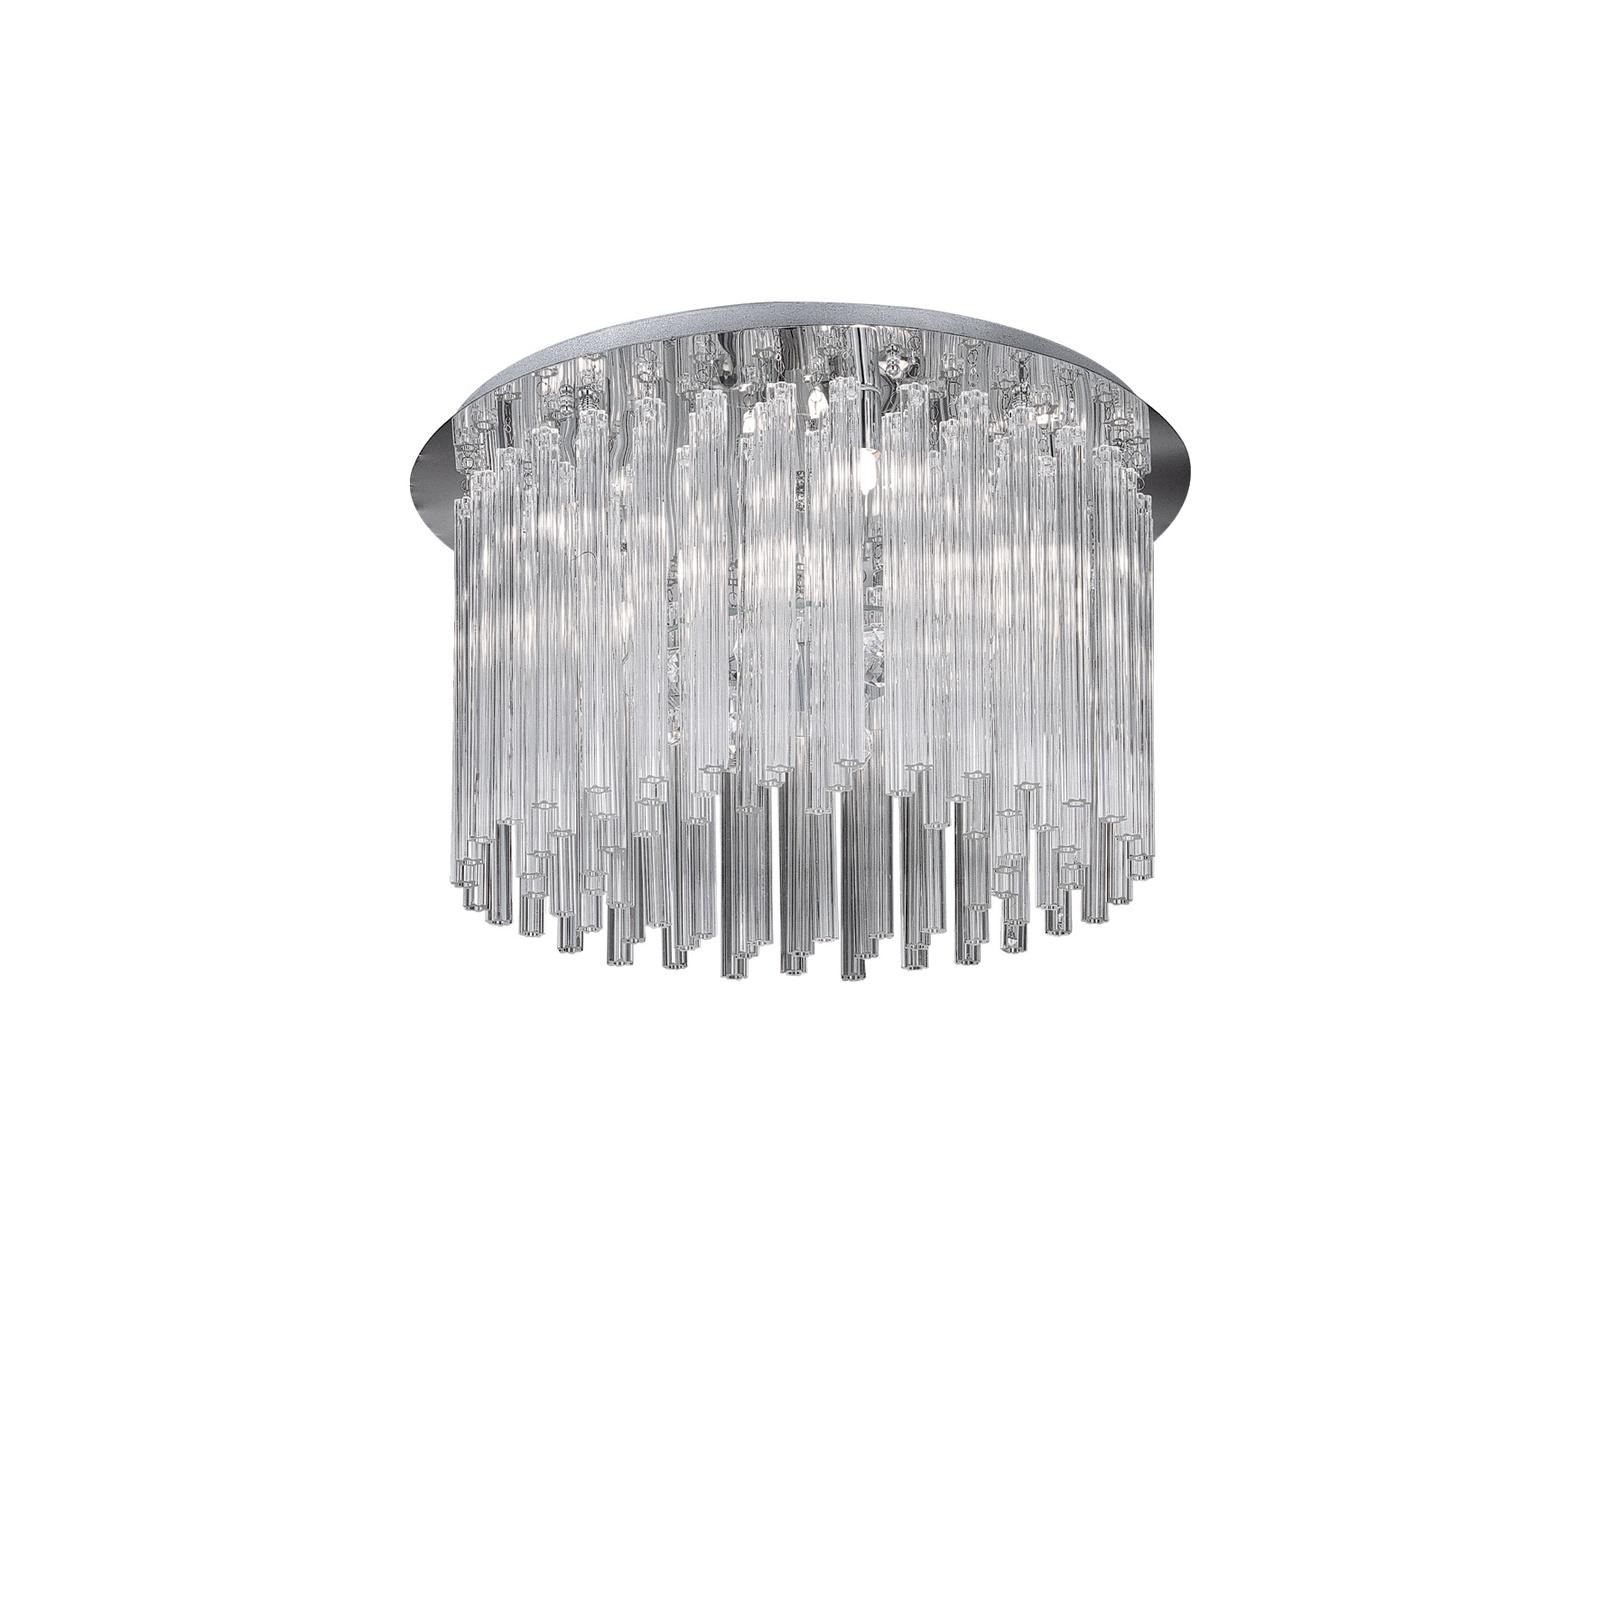 цена на Потолочный светильник Ideal Lux PL8